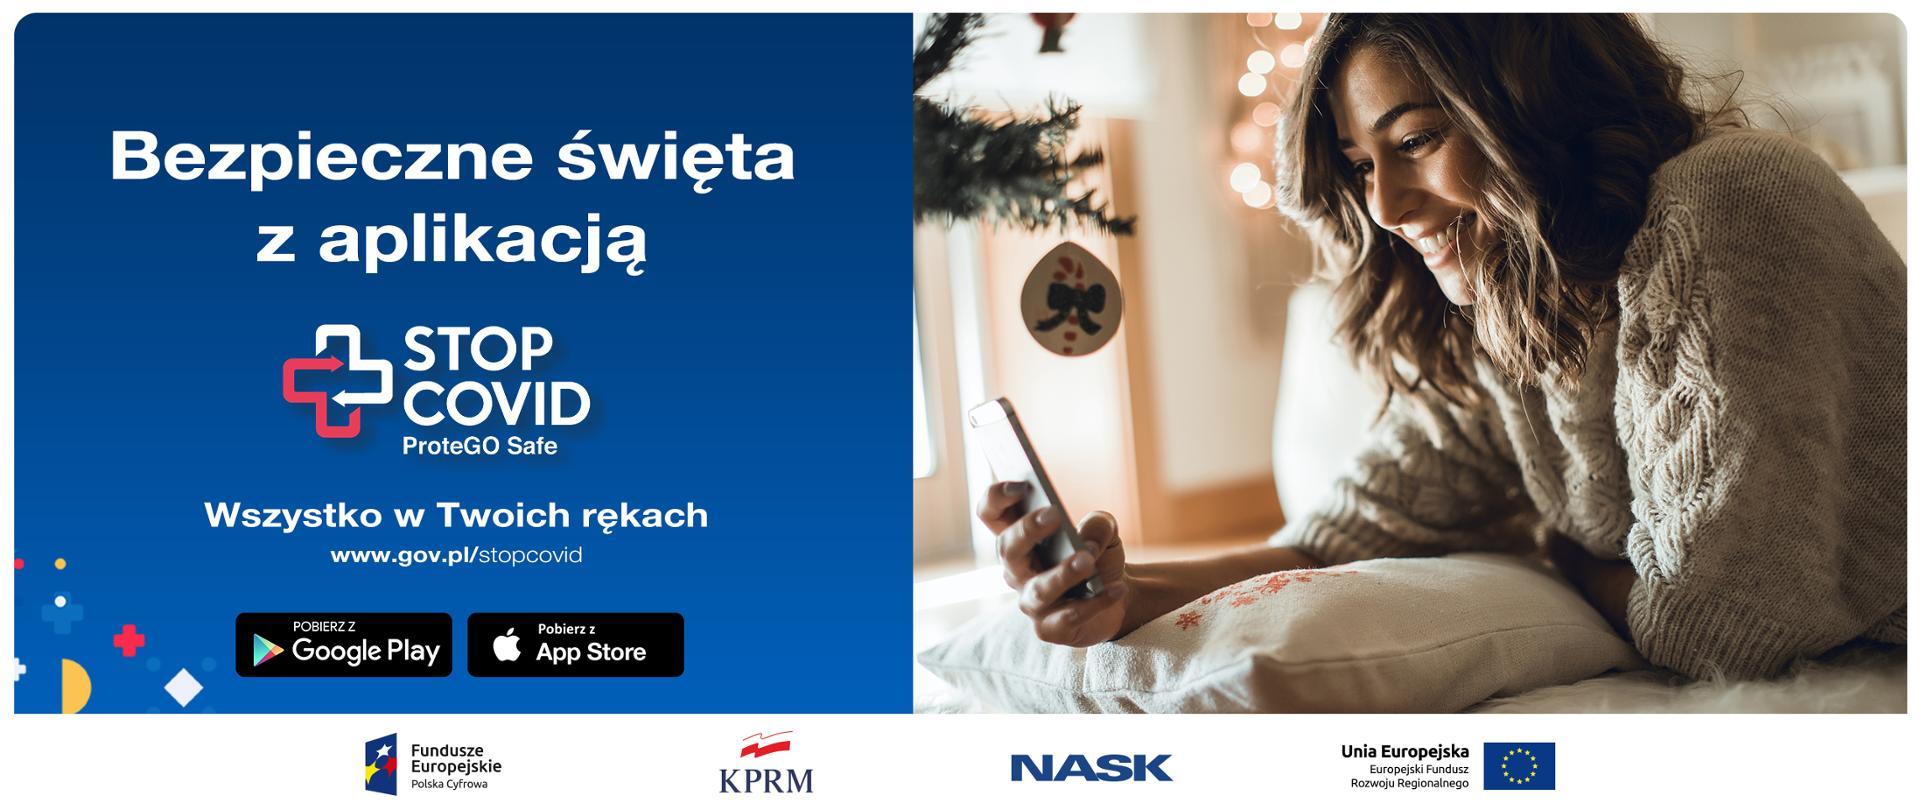 Ekran podzielony na pół. Z prawem strony kobieta obok bożonarodzeniowej choinki - opiera się o poduszkę, patrzy na trzymany w dłoni telefon. Z lewej strony, na granatowym tle tekst: Bezpieczne święta z aplikacją STOP COVID ProteGo Safe. Wszystko w Twoich rękach. www.gov.pl/stopcovid